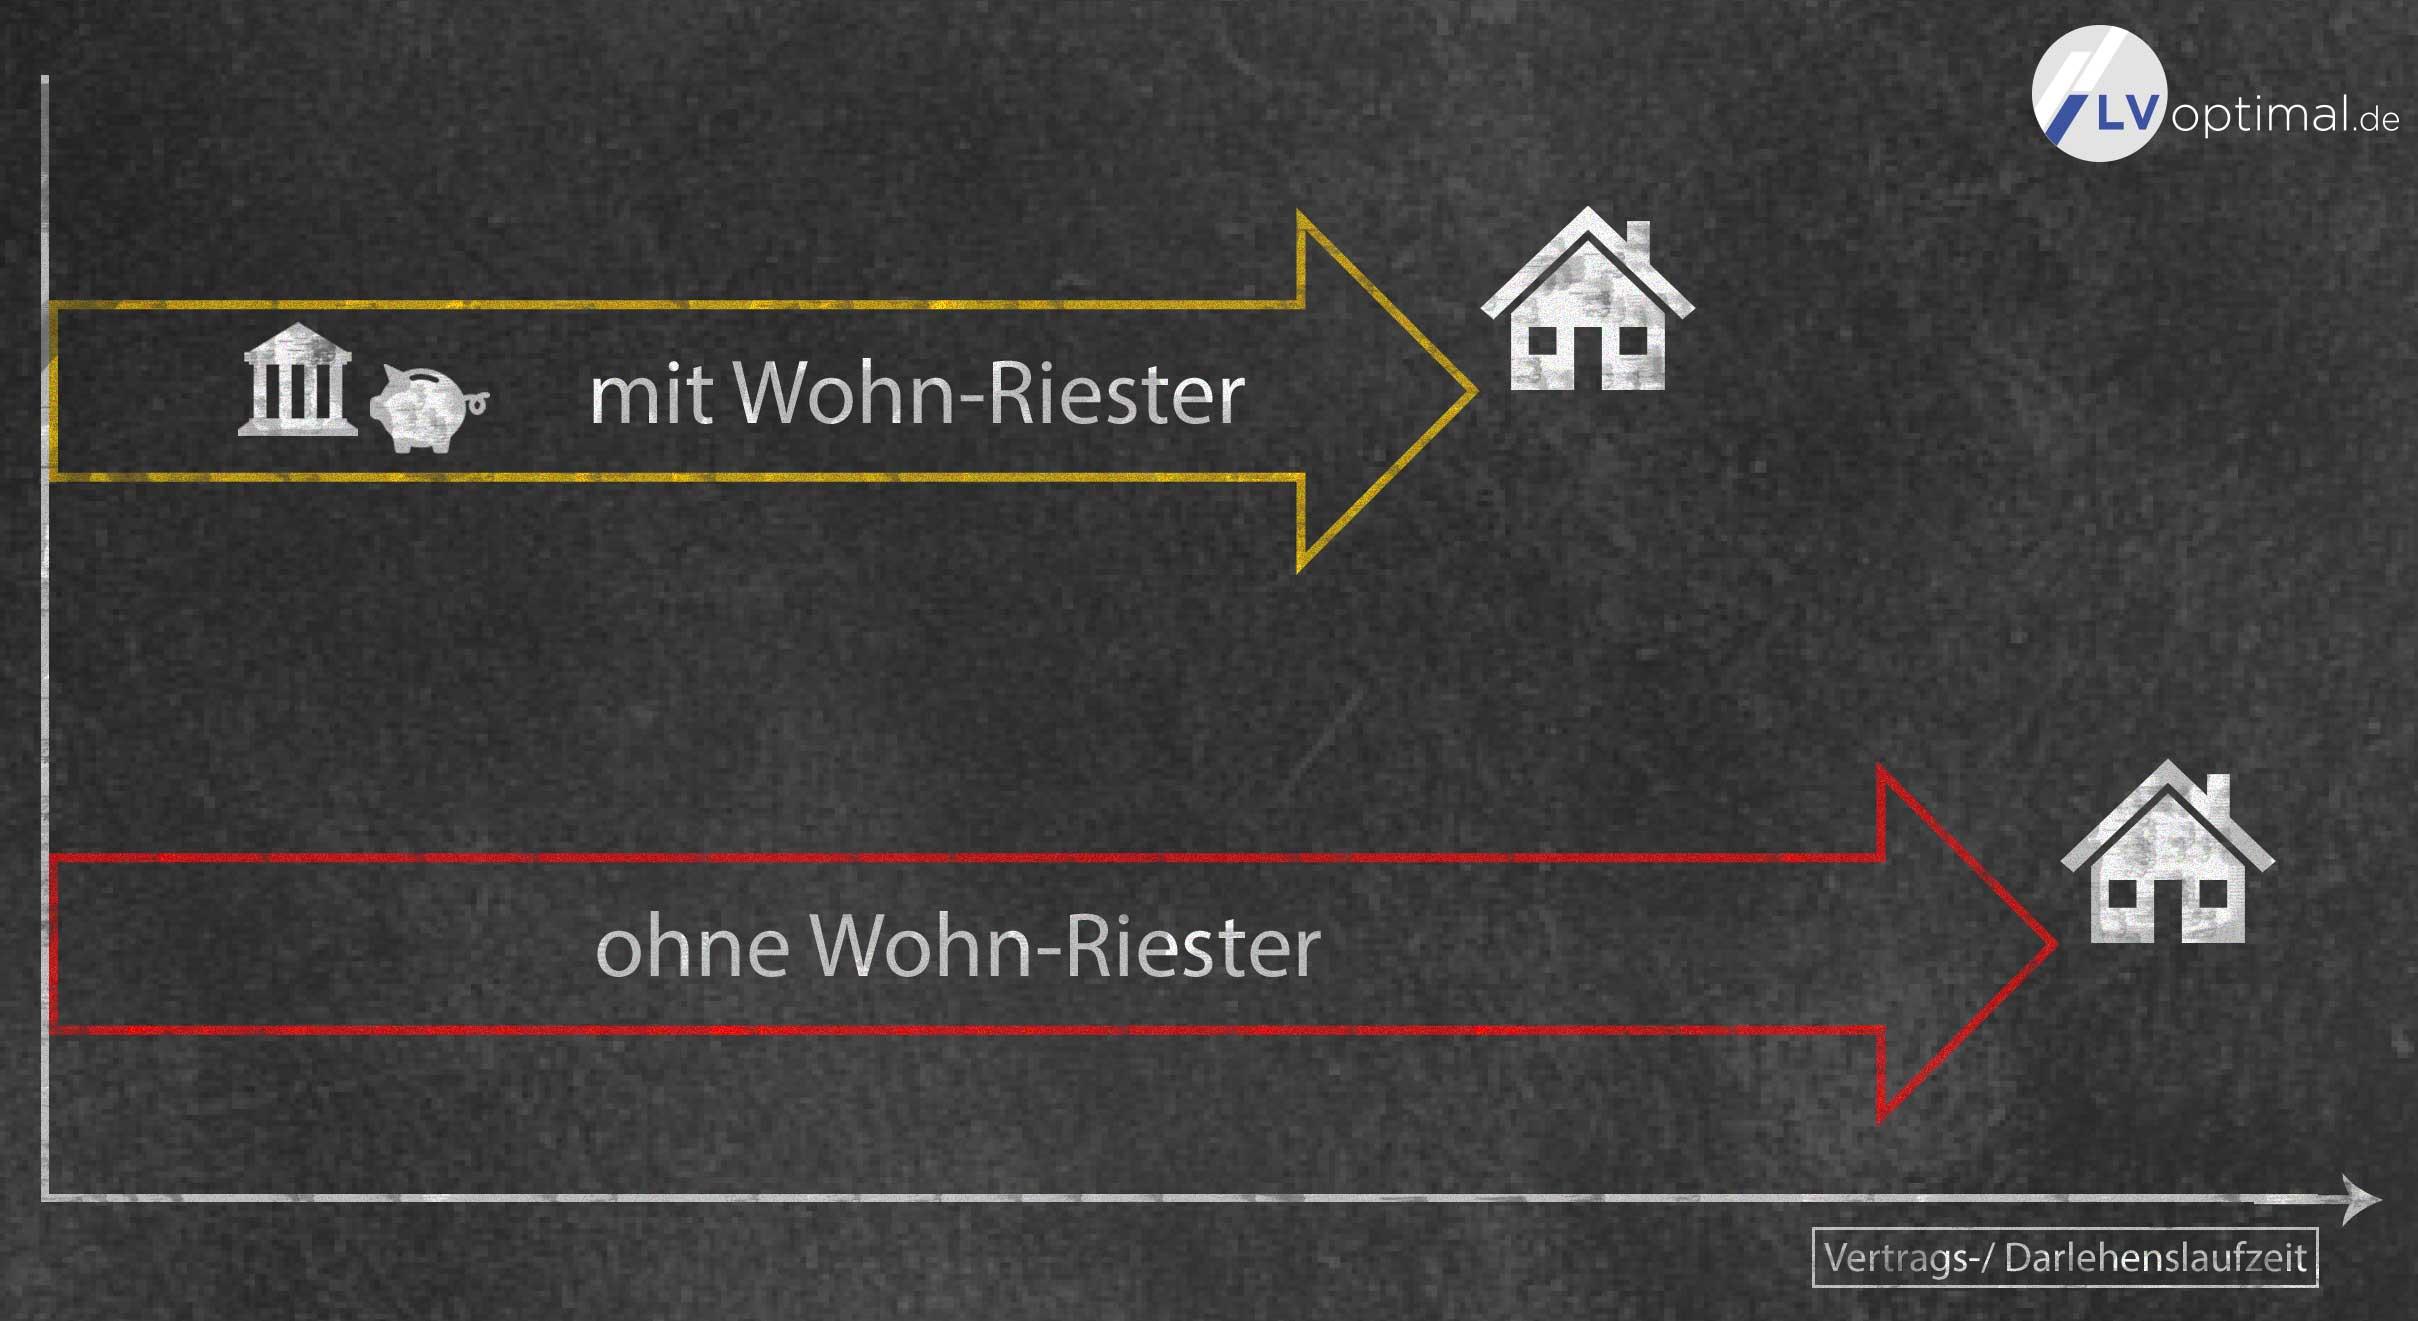 Wohnriester